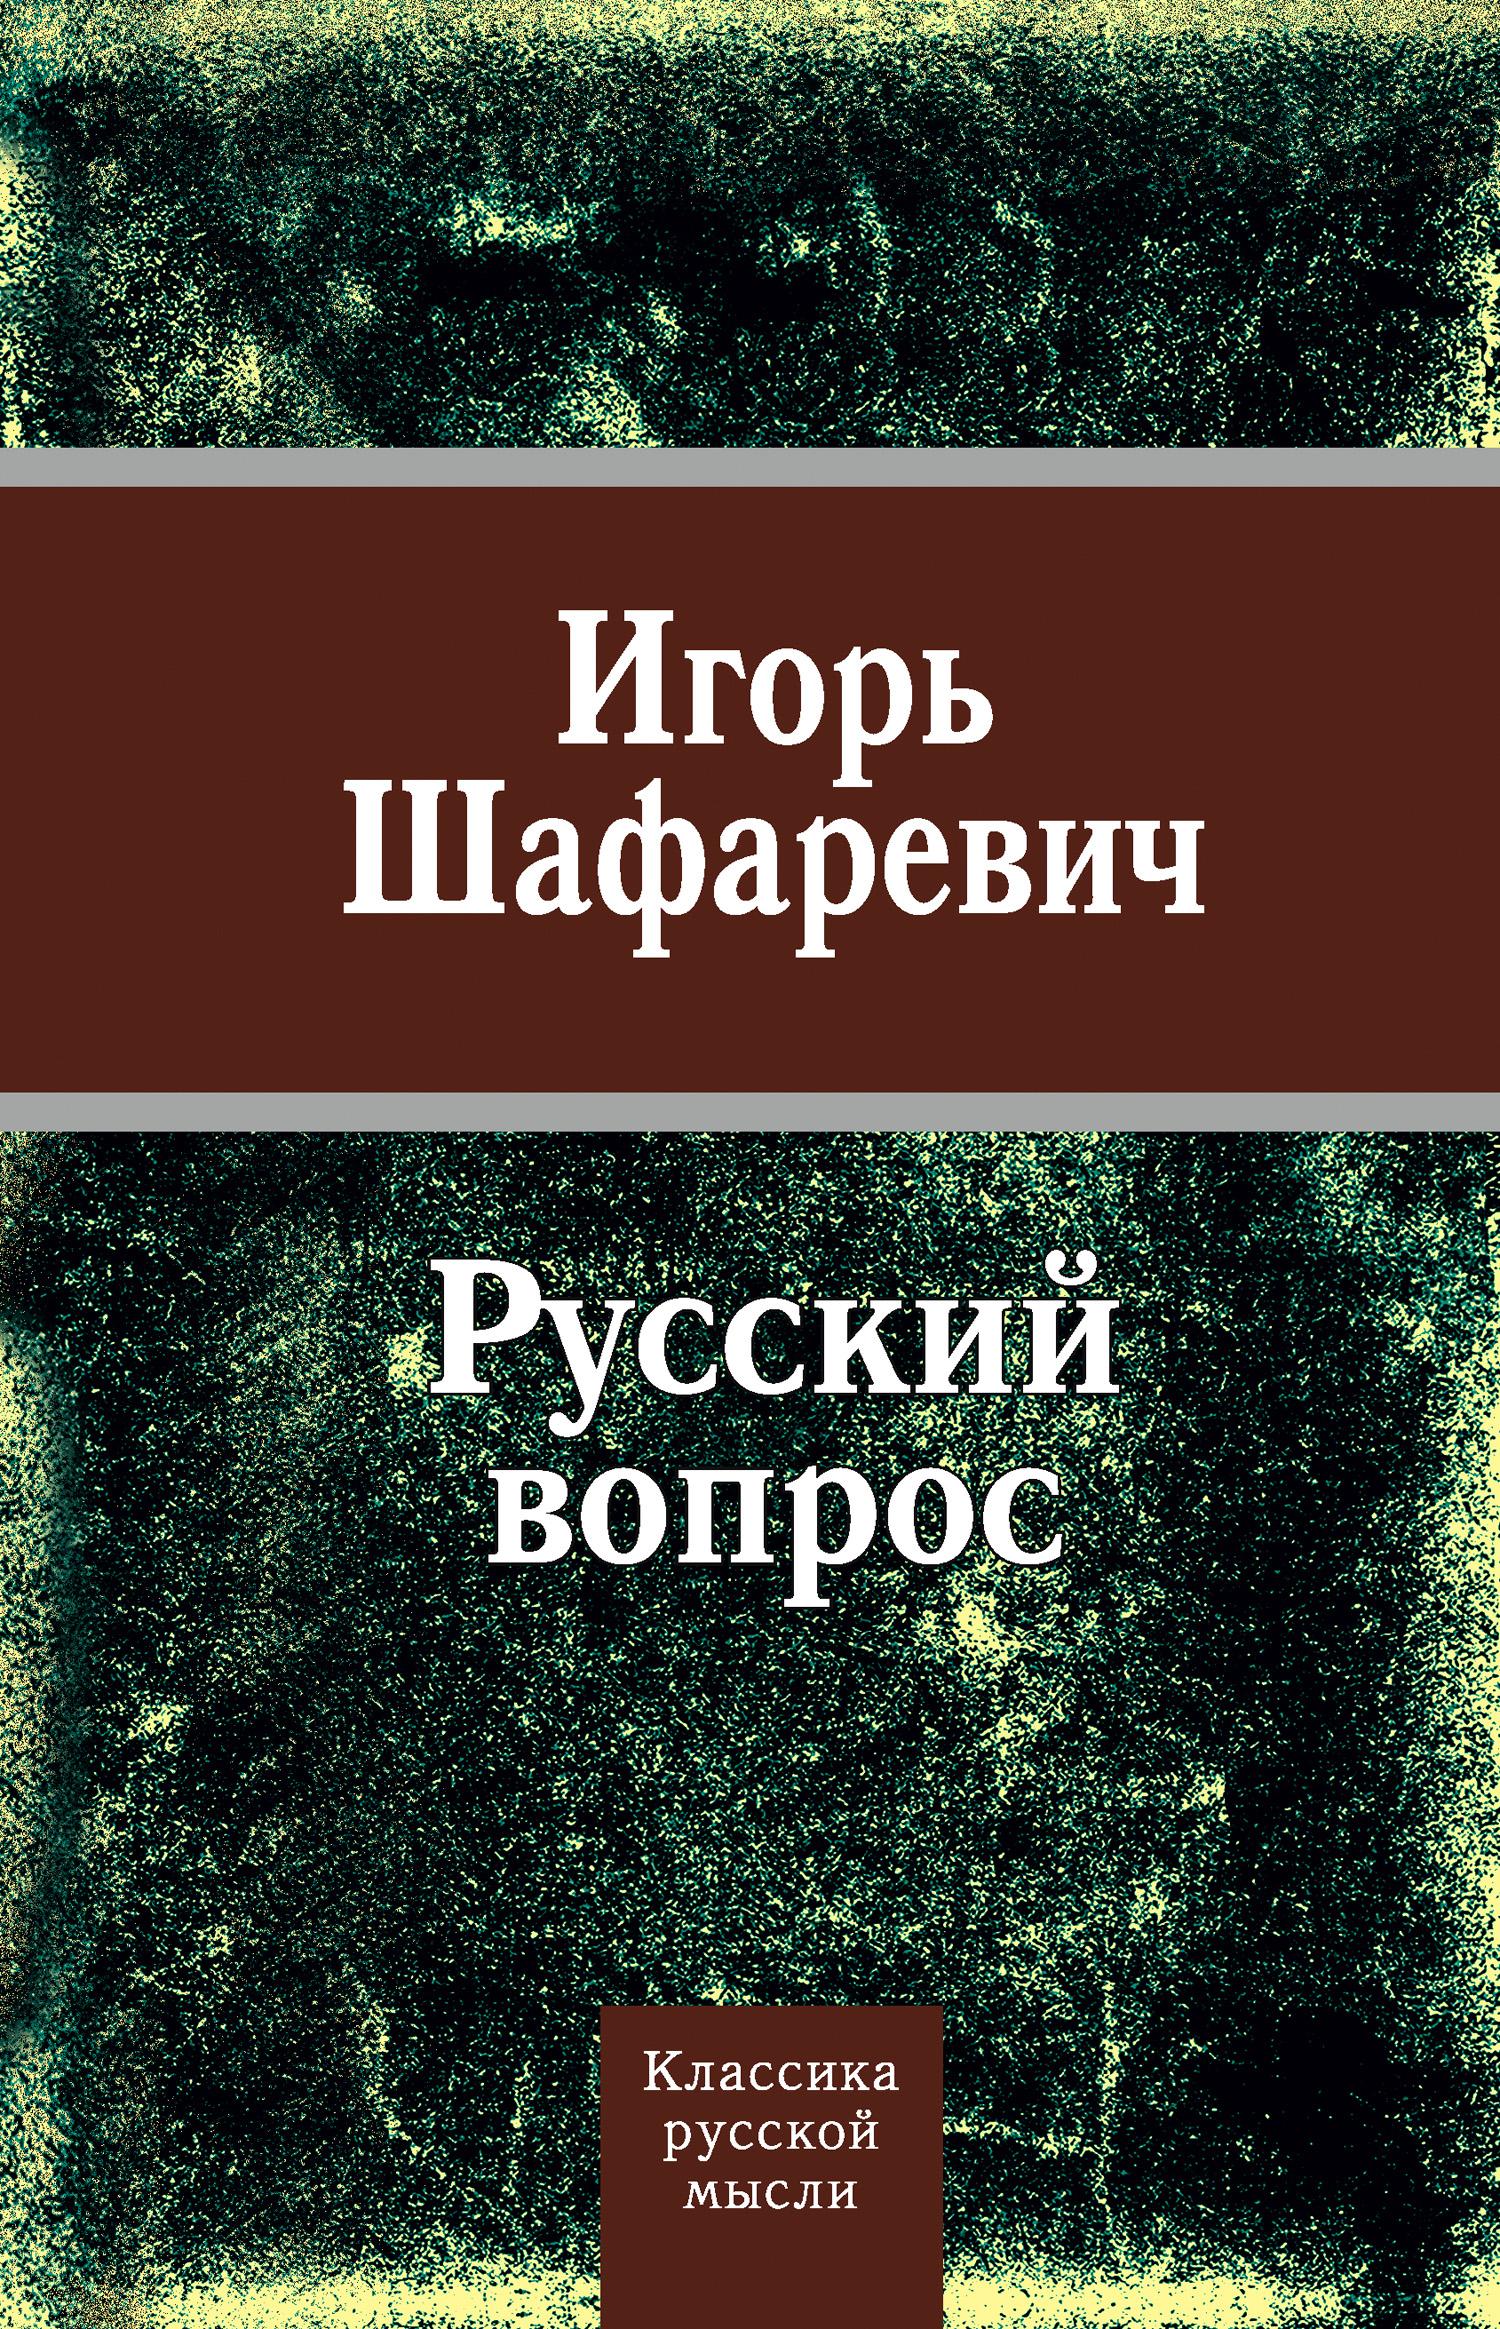 Русский вопрос (сборник)